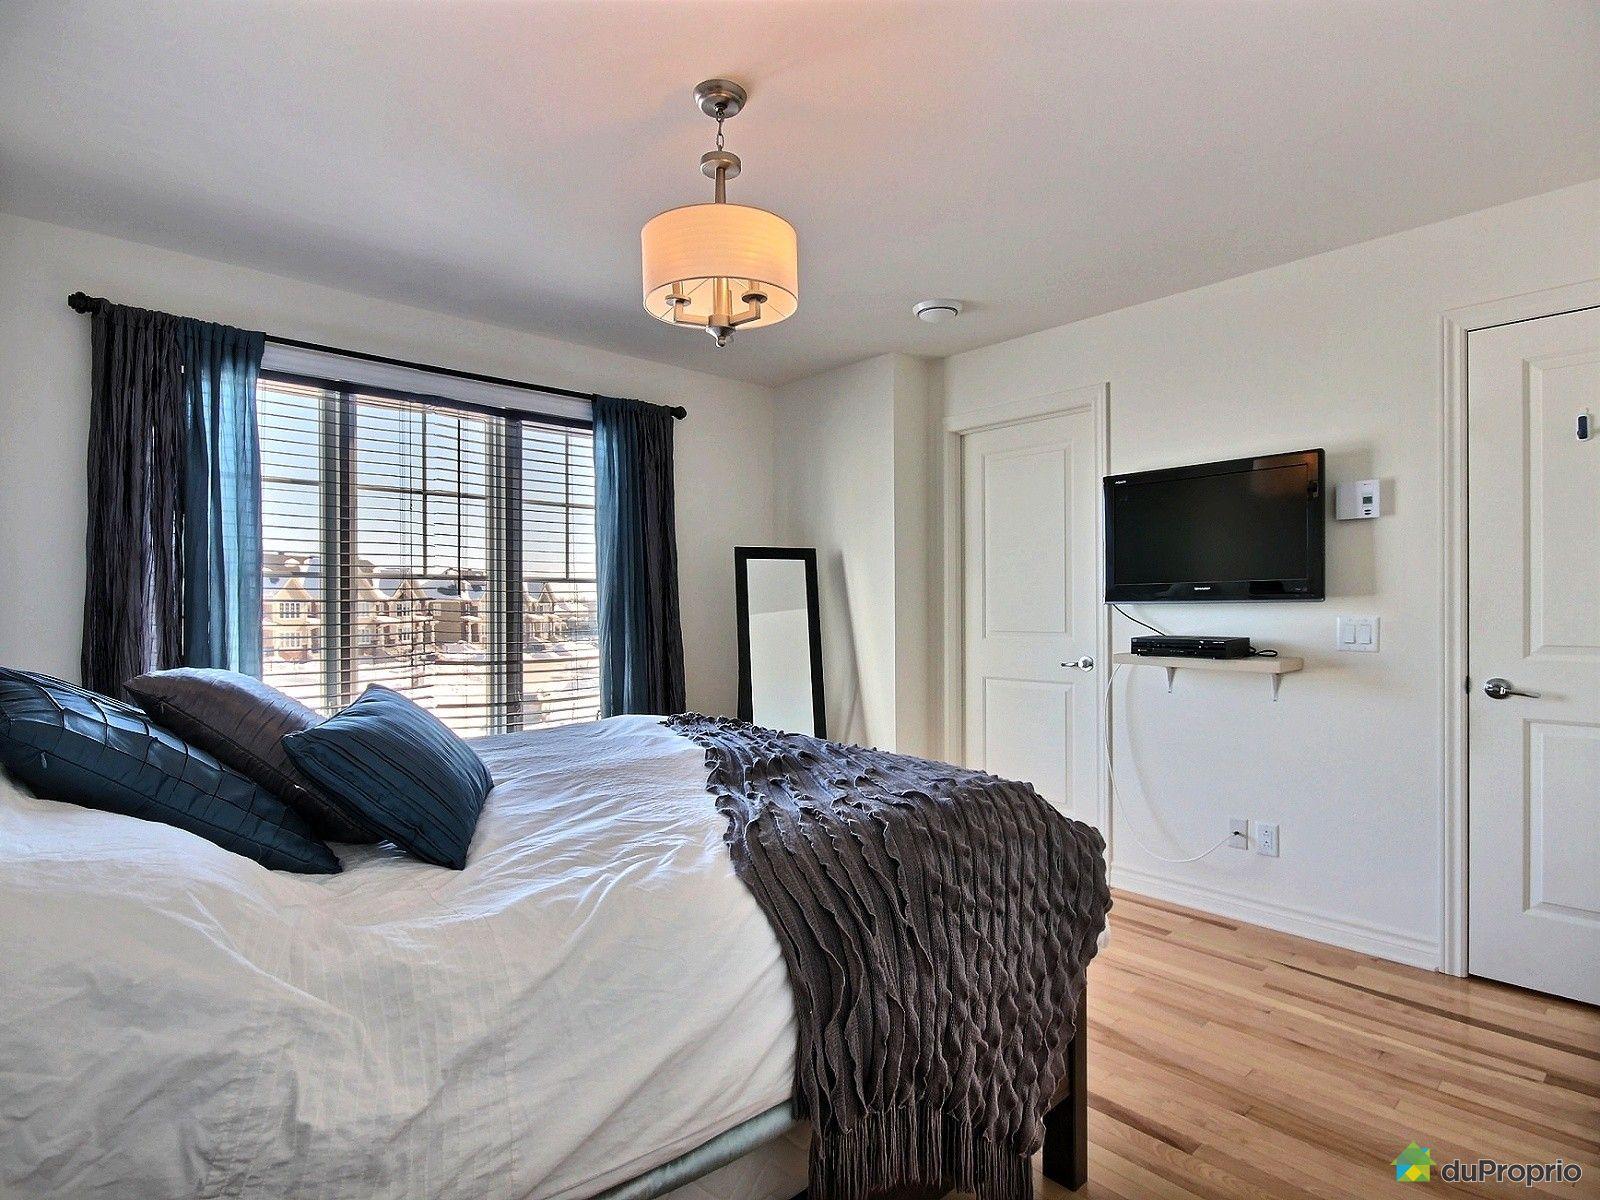 Maison vendre beloeil 1247 rue claude perraud for Chambre de commerce beloeil